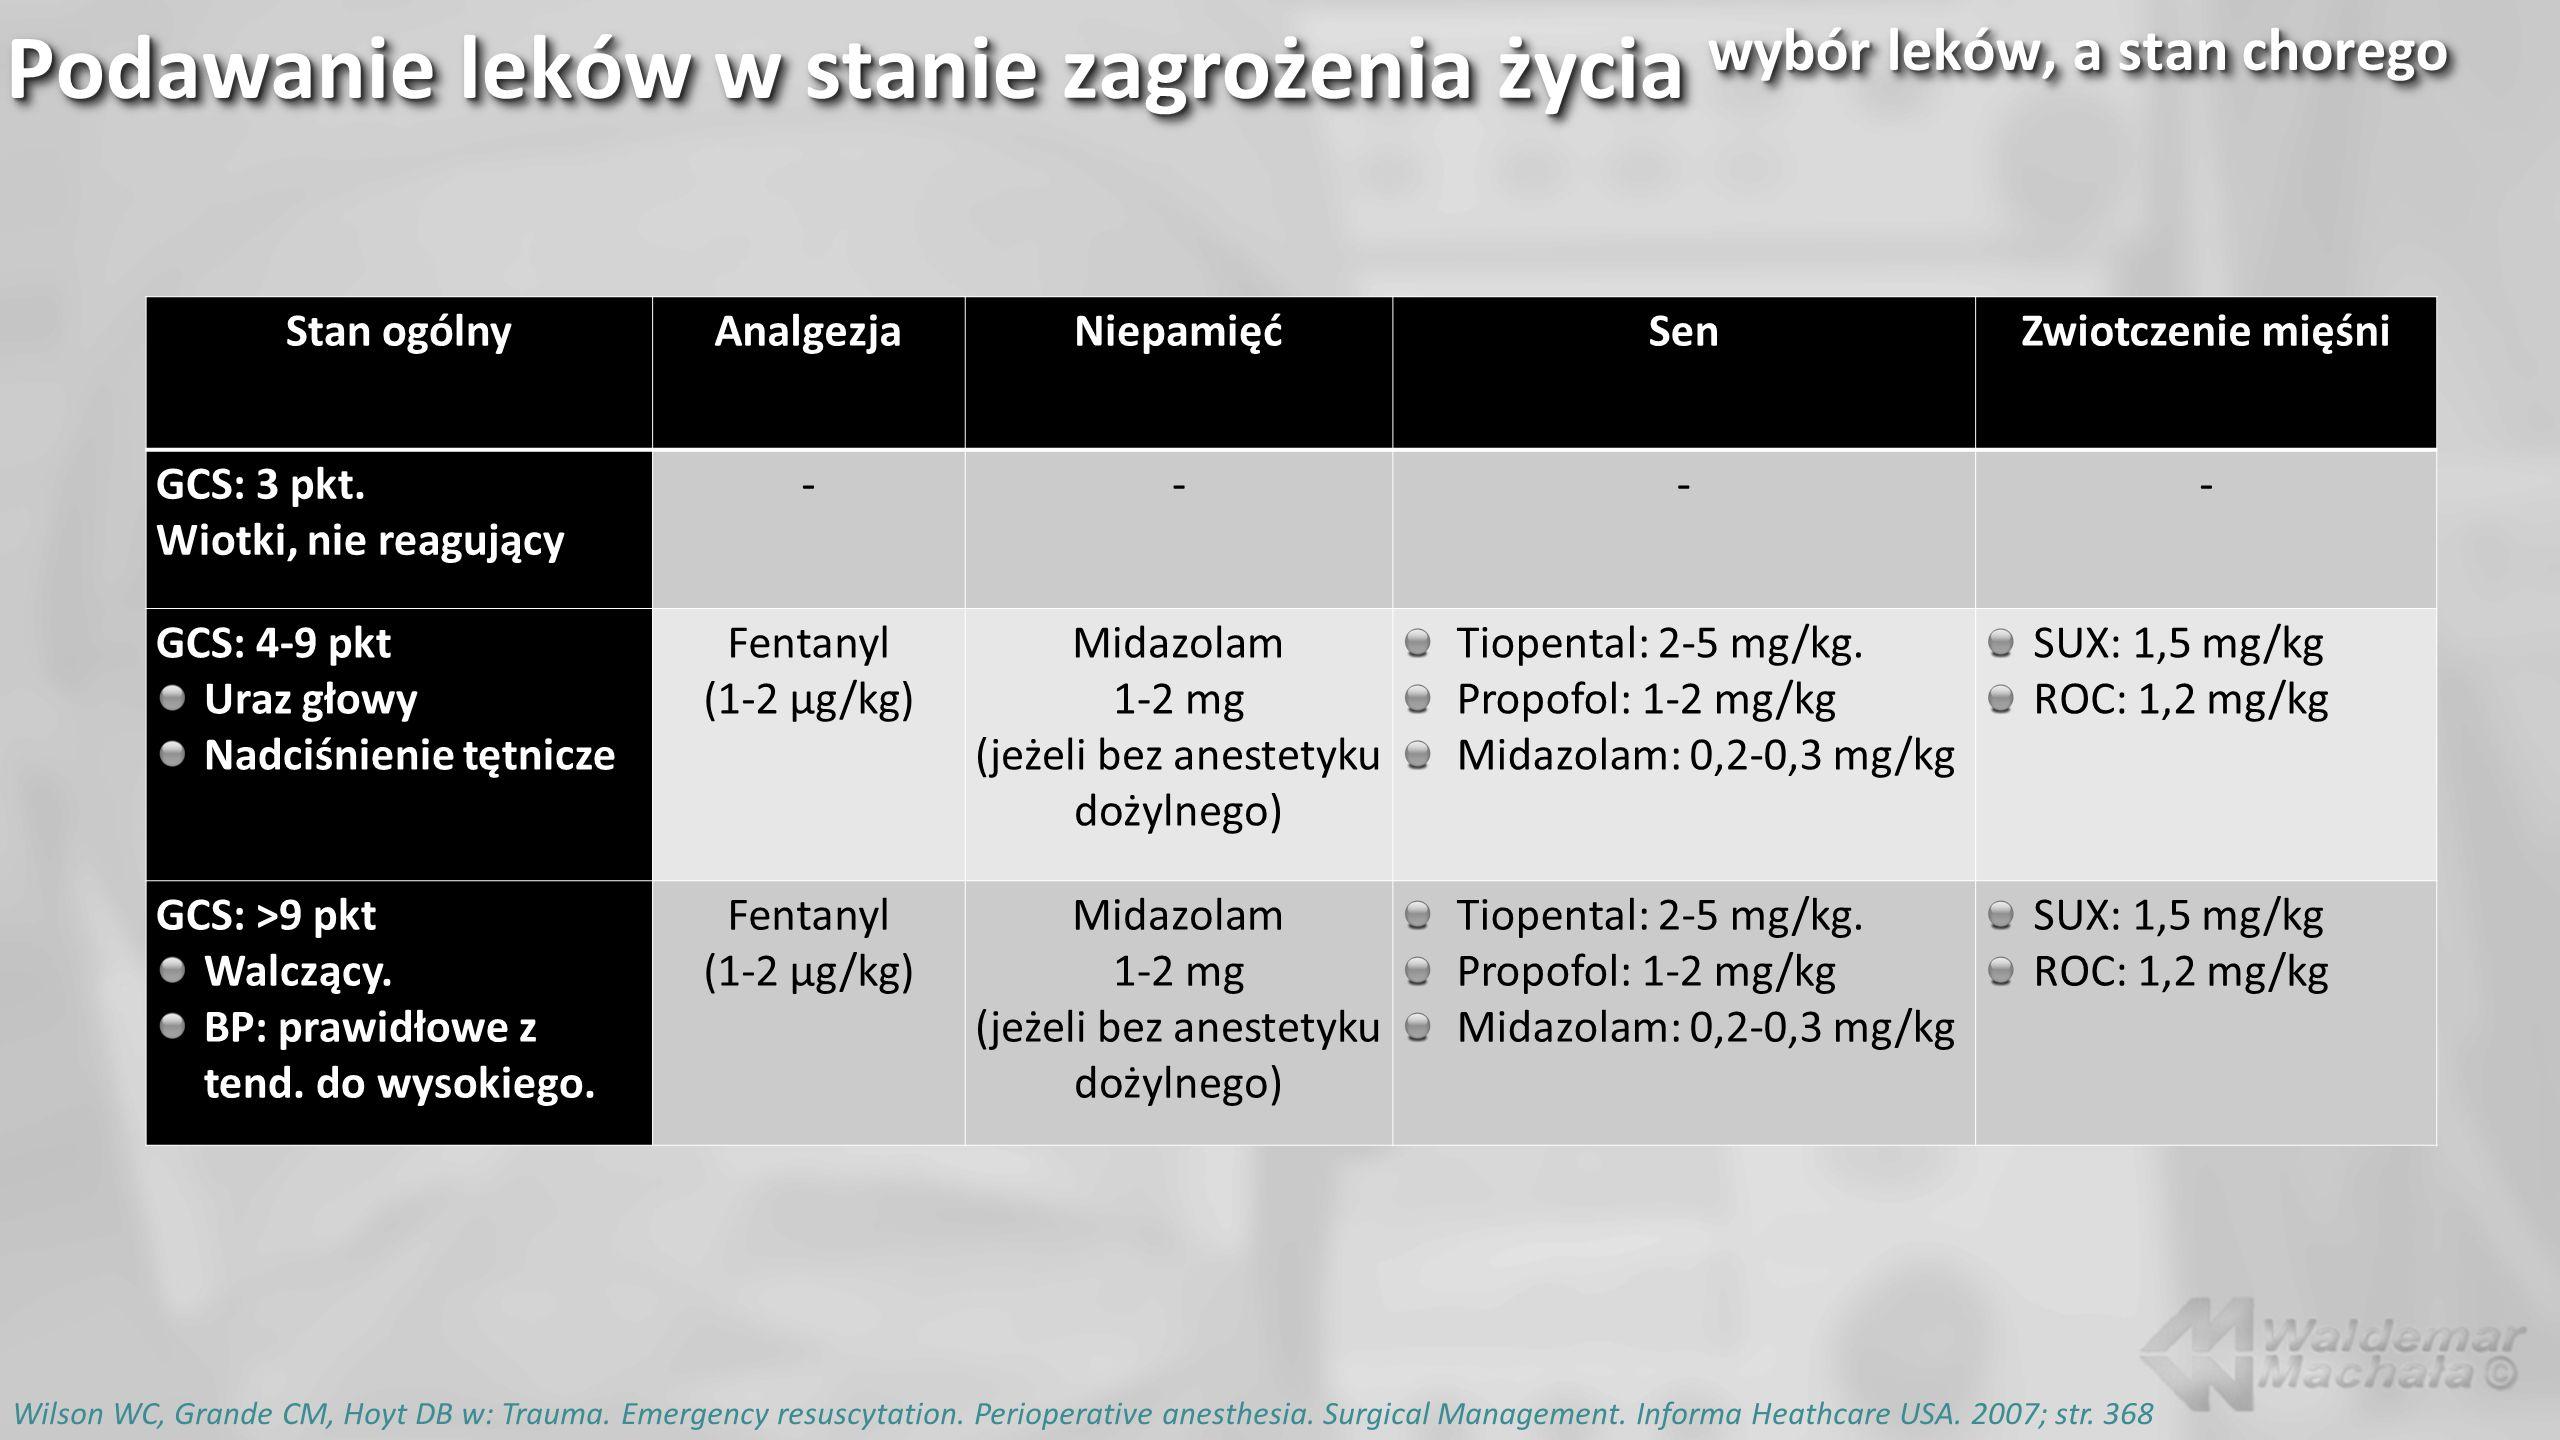 Stan ogólnyAnalgezjaNiepamięćSenZwiotczenie mięśni GCS: 3 pkt. Wiotki, nie reagujący ---- GCS: 4-9 pkt Uraz głowy Nadciśnienie tętnicze Fentanyl (1-2